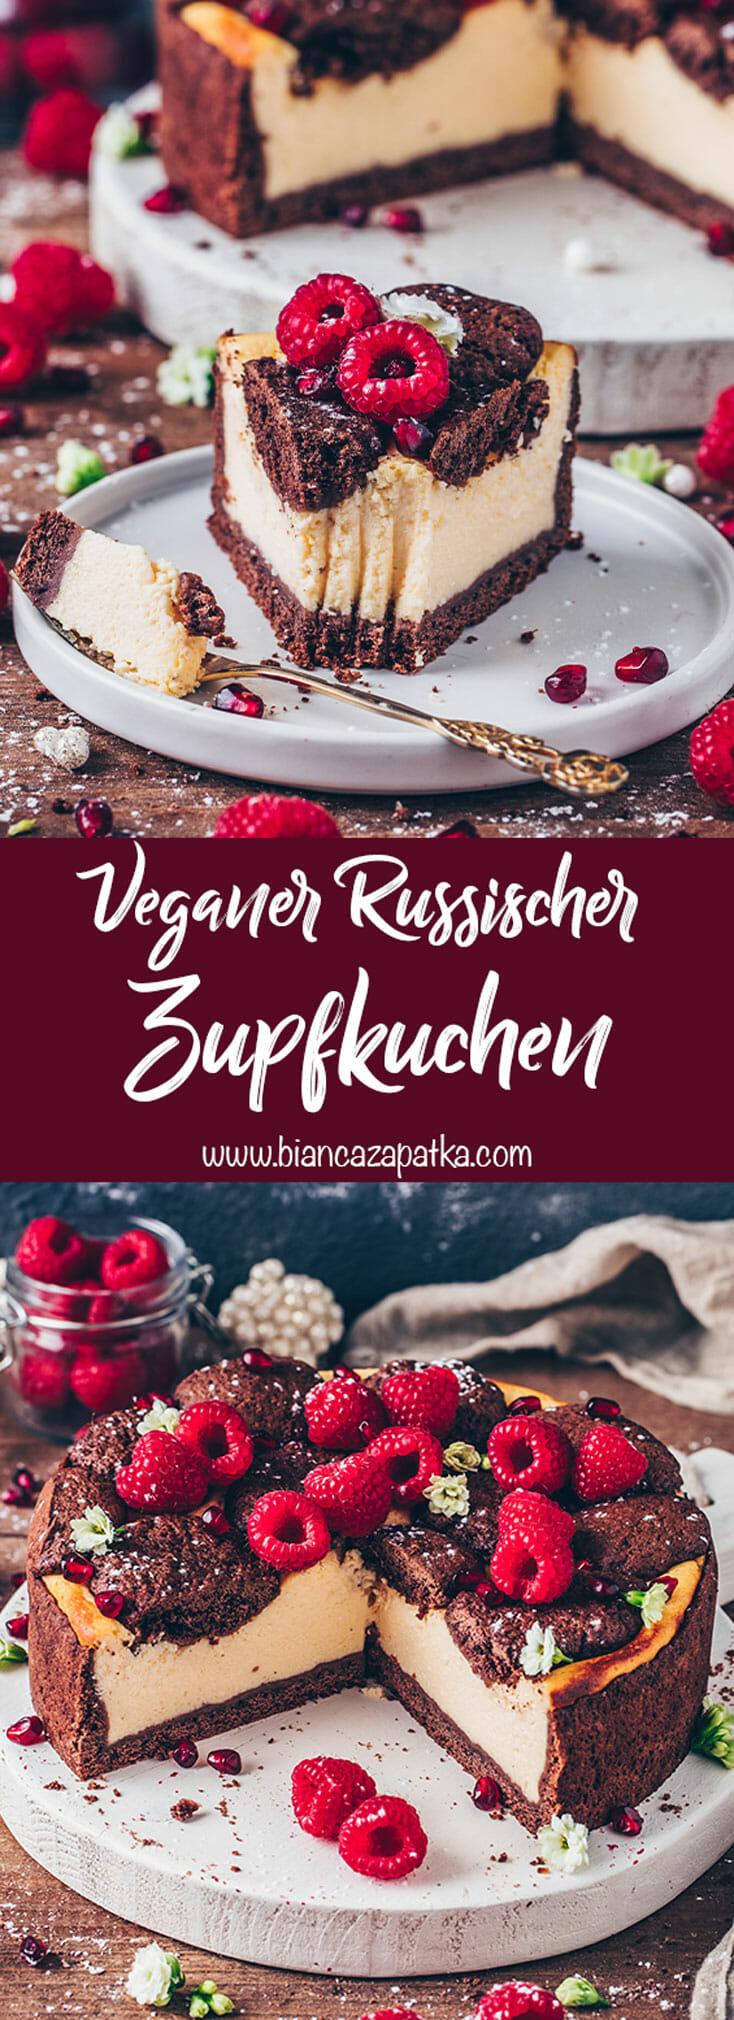 Veganer Russischer Zupfkuchen